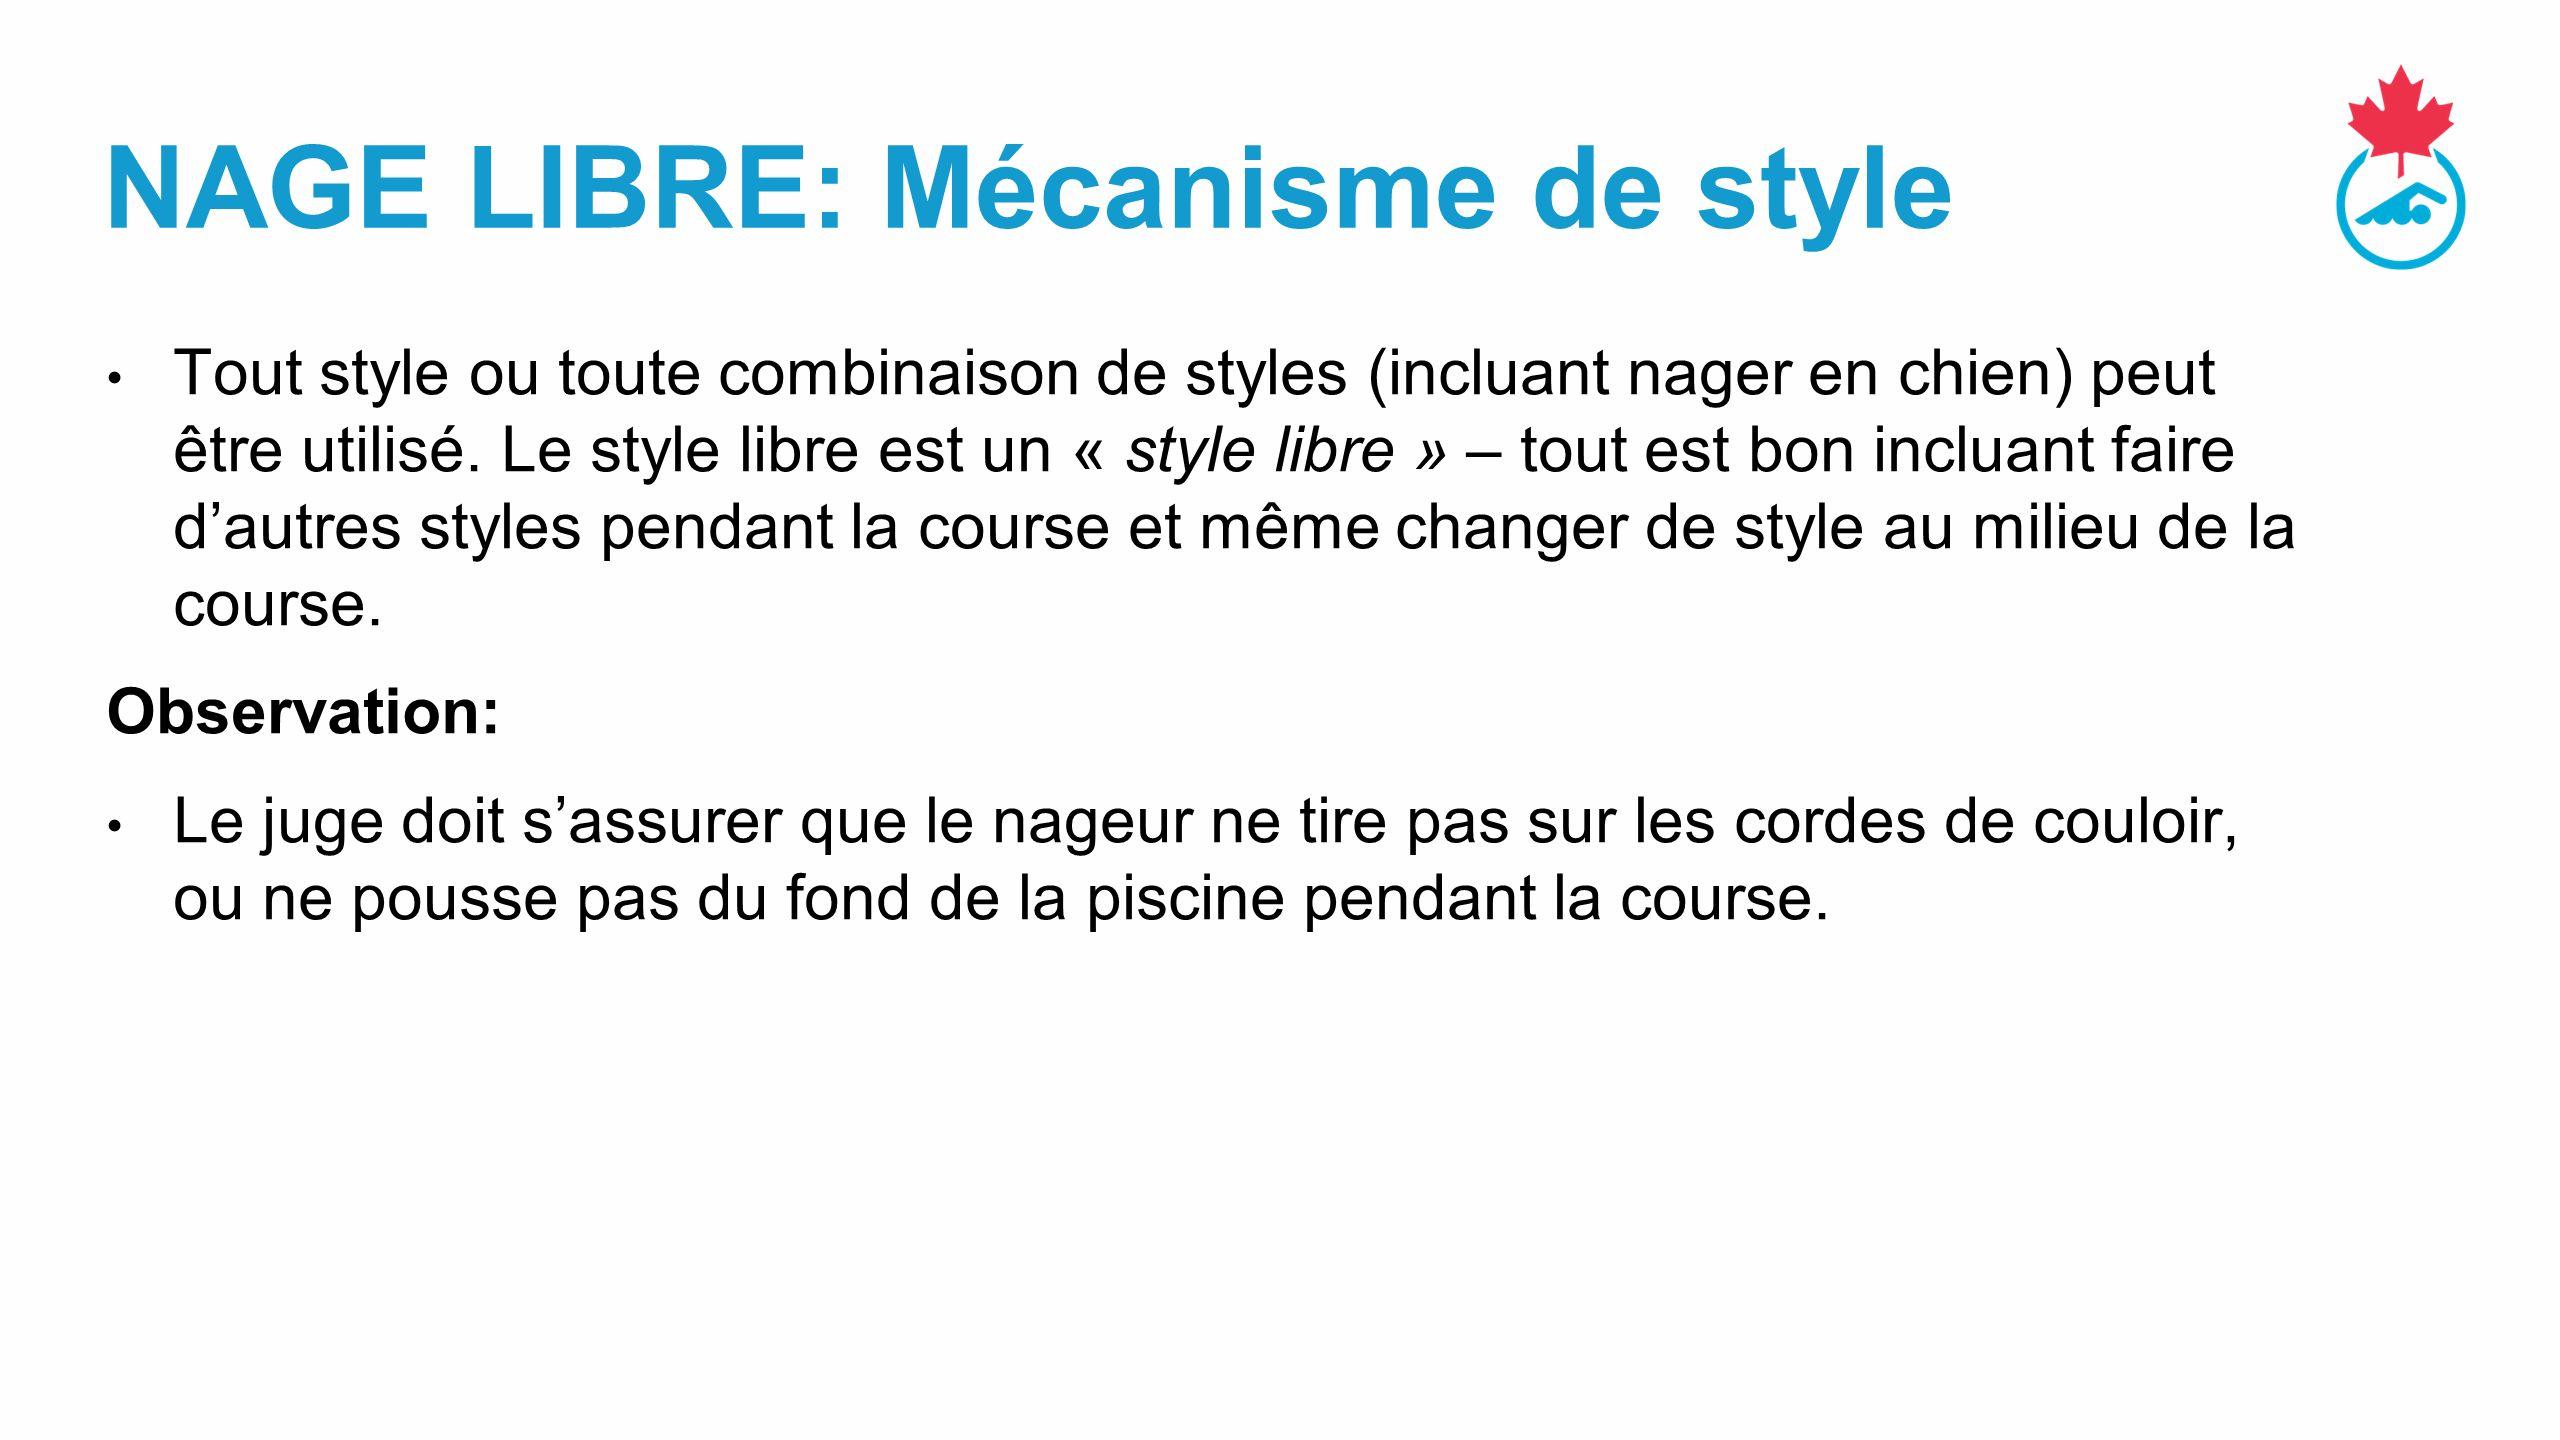 NAGE LIBRE: Mécanisme de style Tout style ou toute combinaison de styles (incluant nager en chien) peut être utilisé.